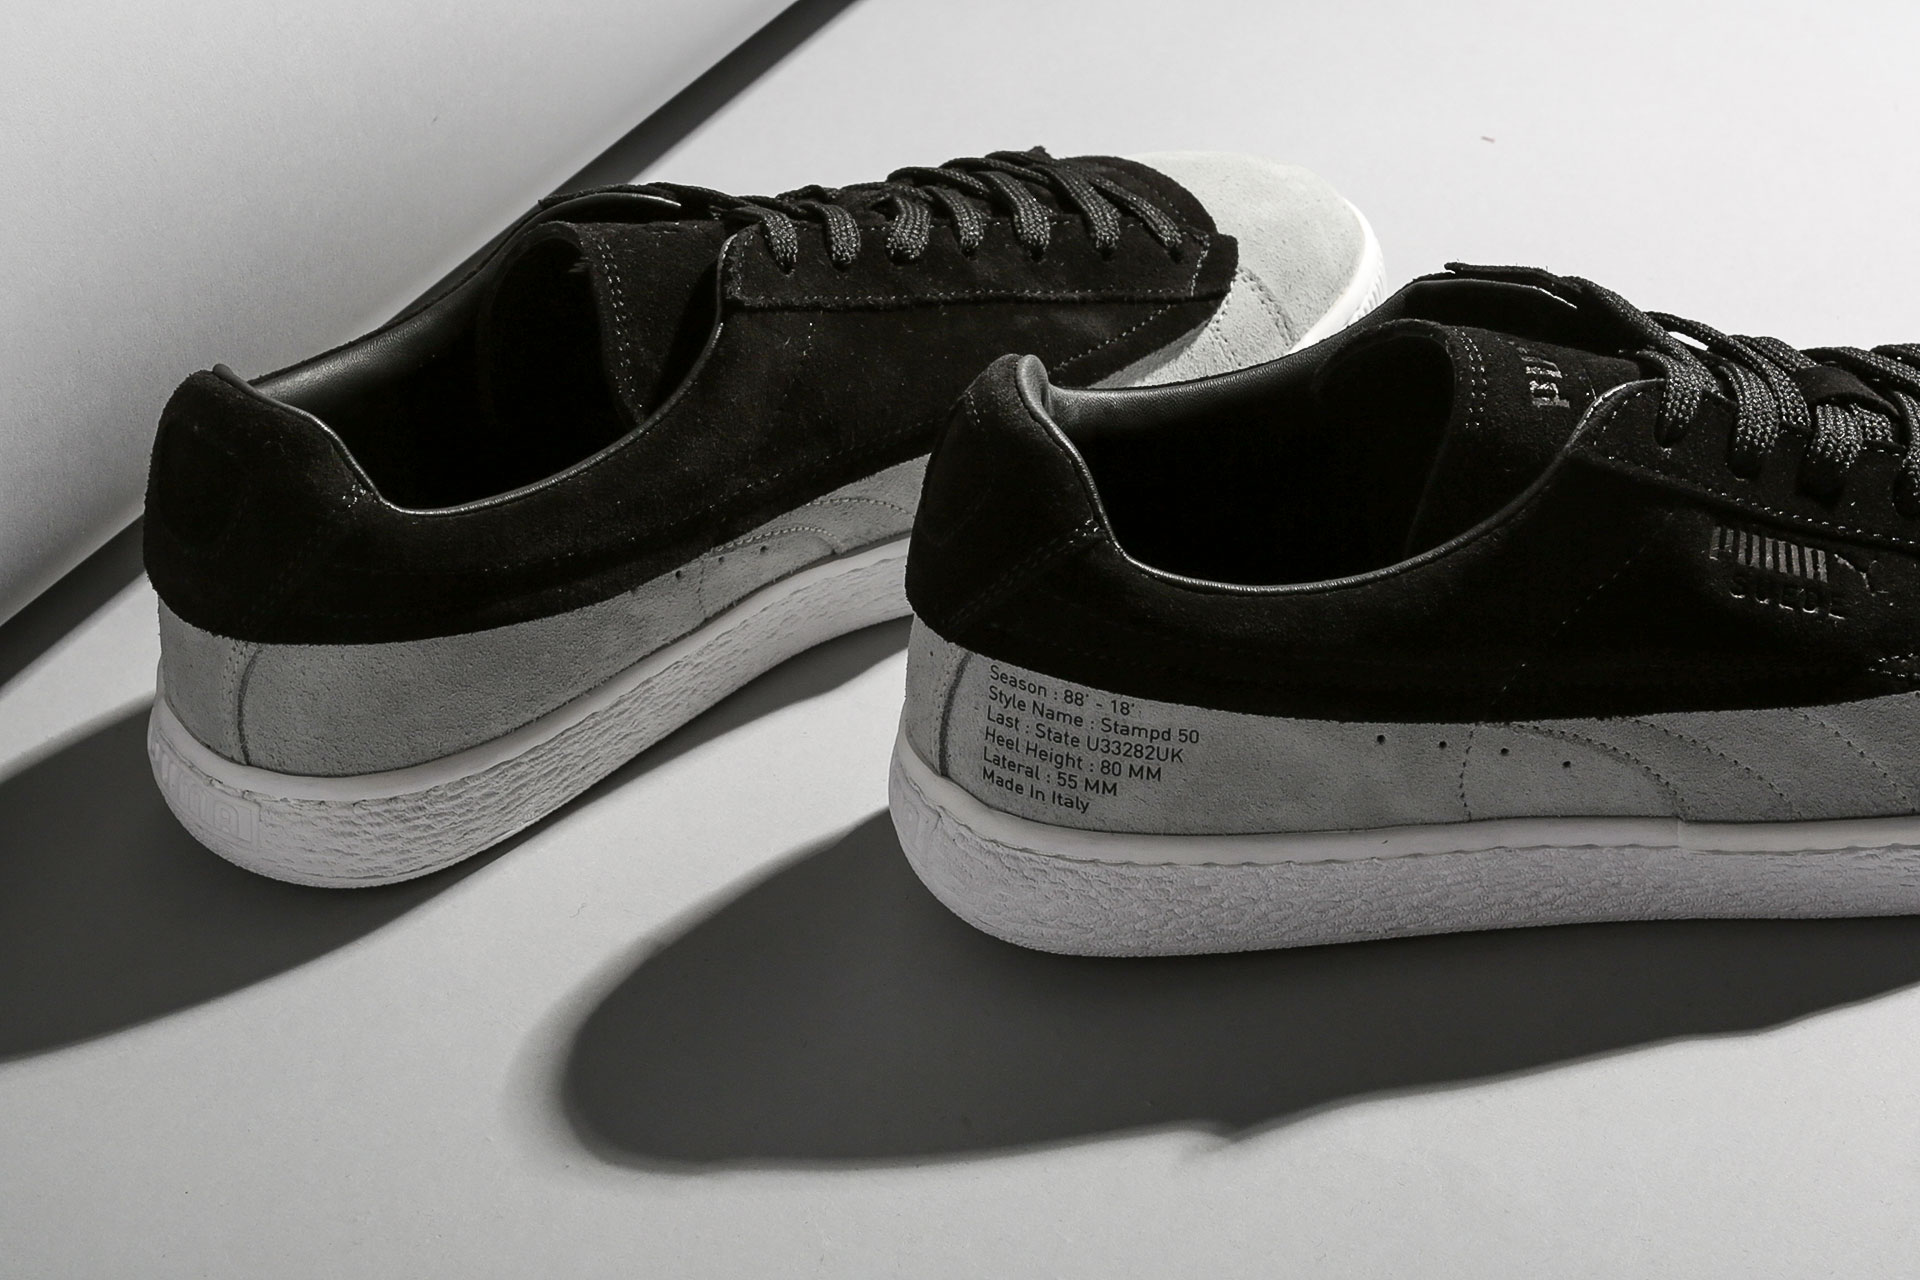 fb7368d53b08ef ... Купить мужские черные кроссовки PUMA Suede Classic x Stampd - фото 2  картинки ...